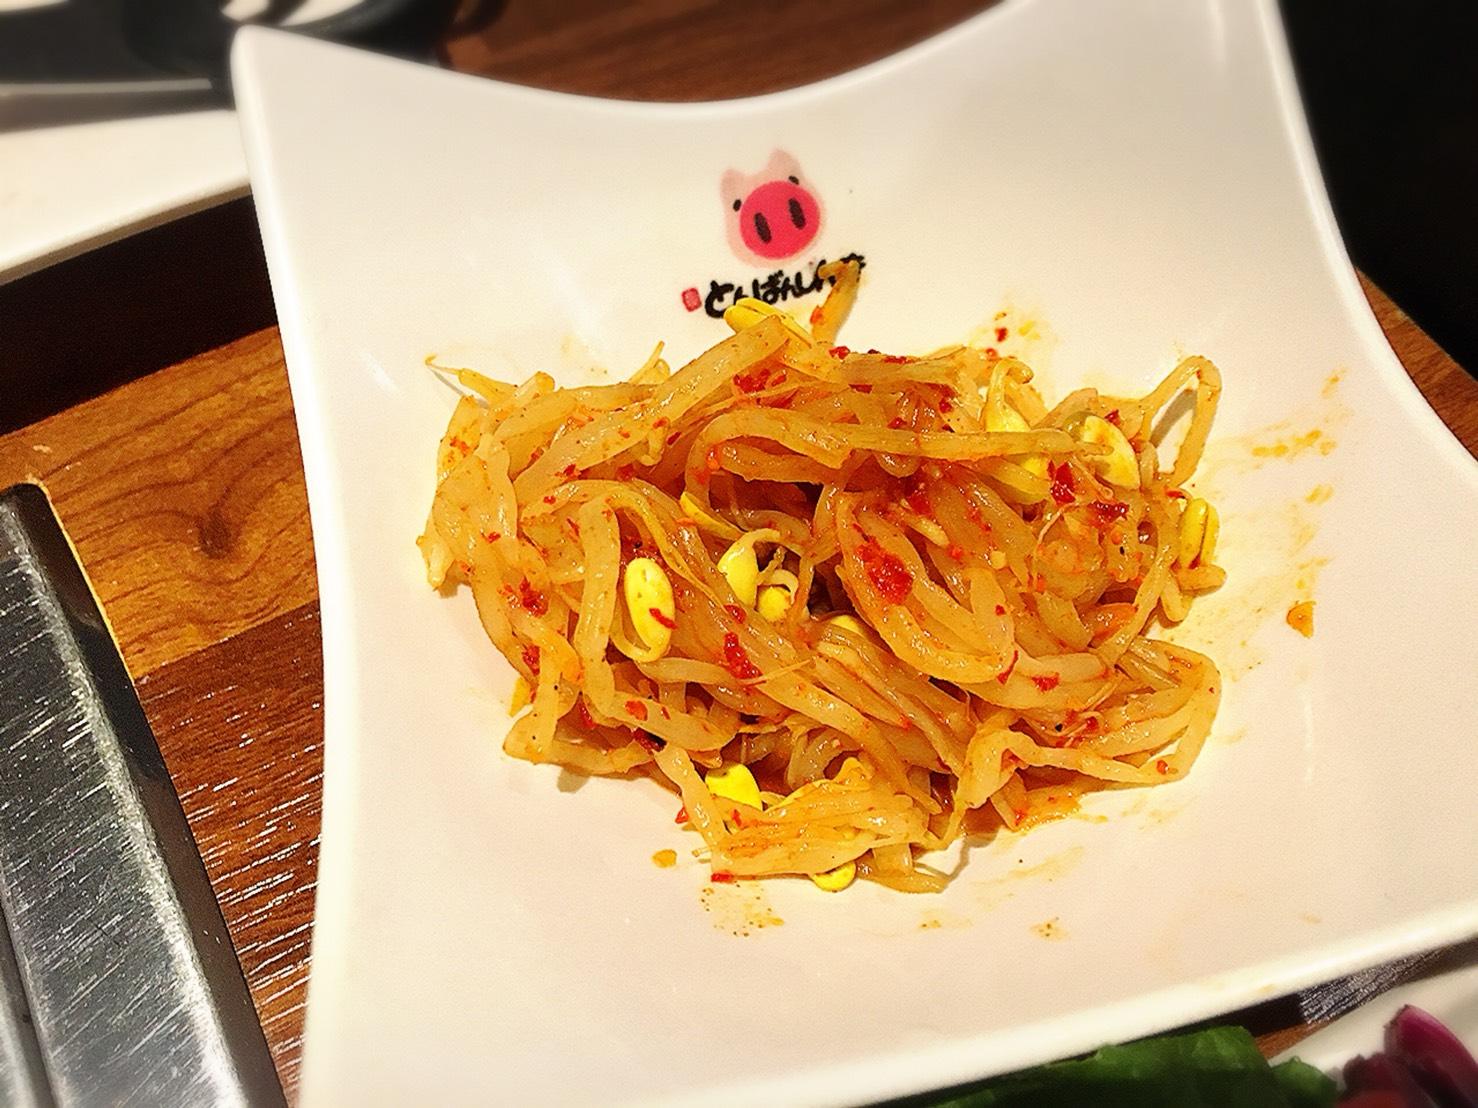 【池袋駅】学生人気高め!韓国料理1,980円食べ放題の激安!「トンチュヤ 池袋東口店」の豆もやしナムル